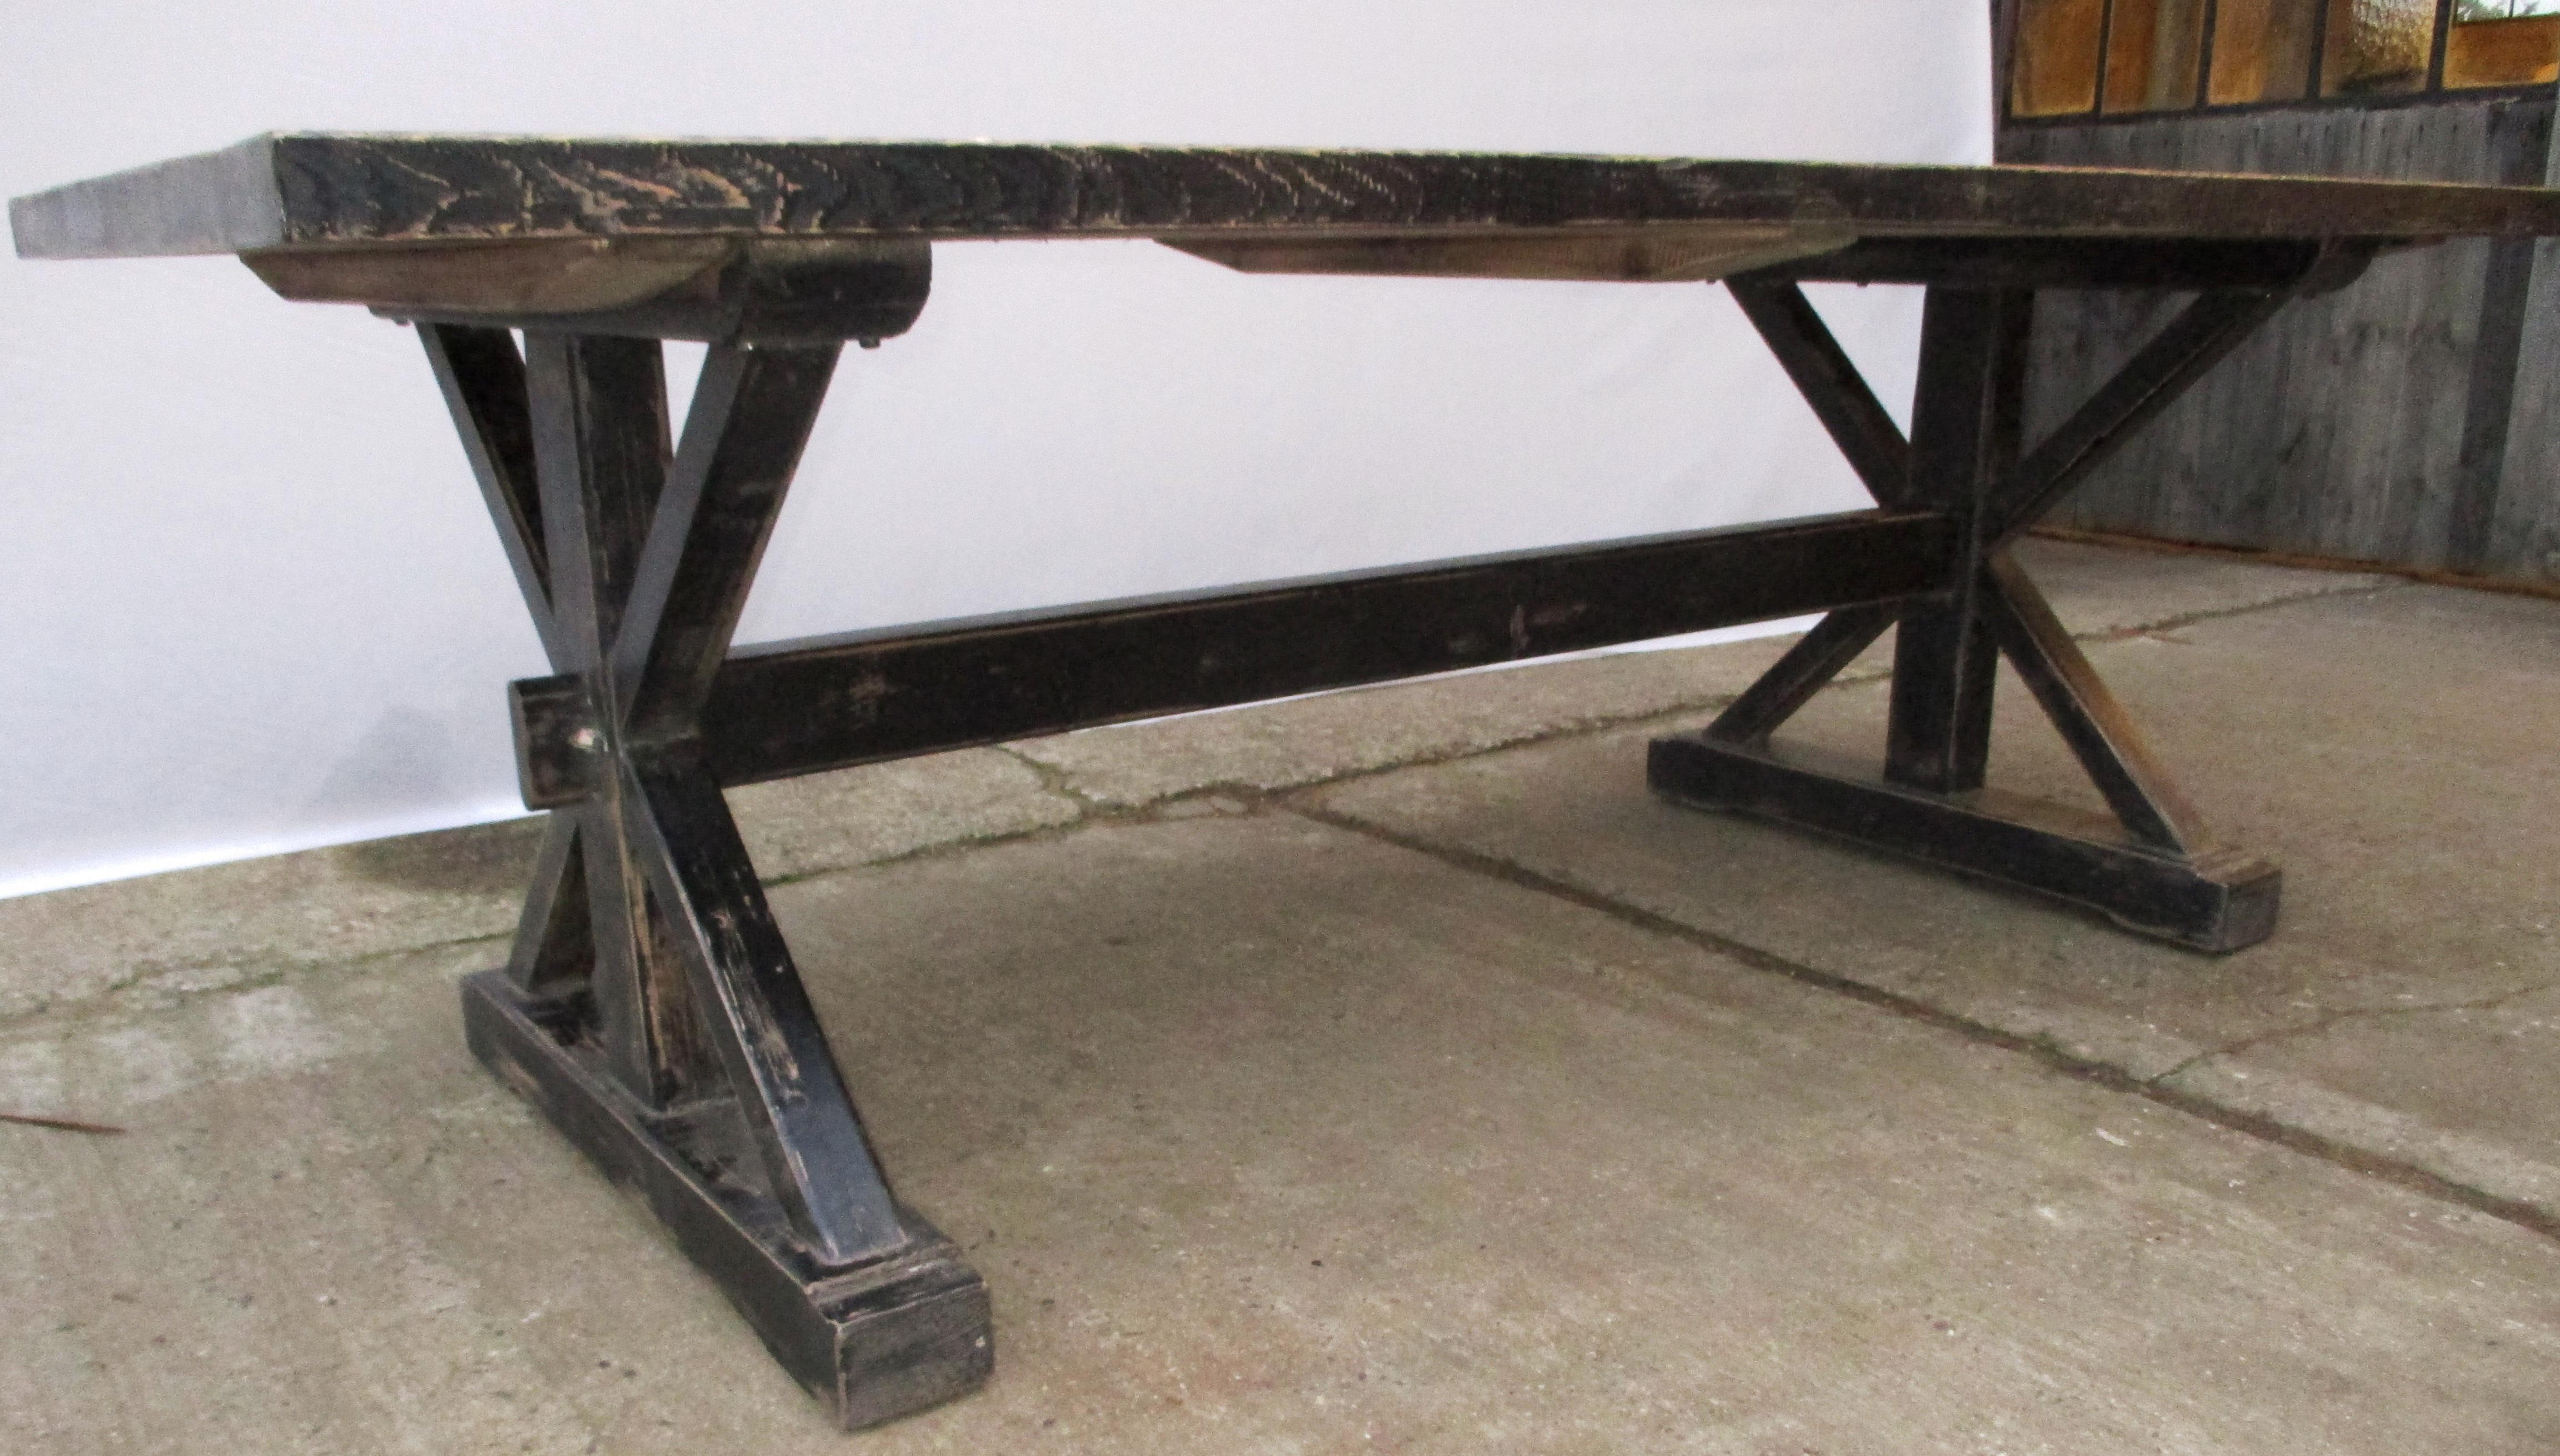 esstisch blacky mit schwarzer patina historische. Black Bedroom Furniture Sets. Home Design Ideas